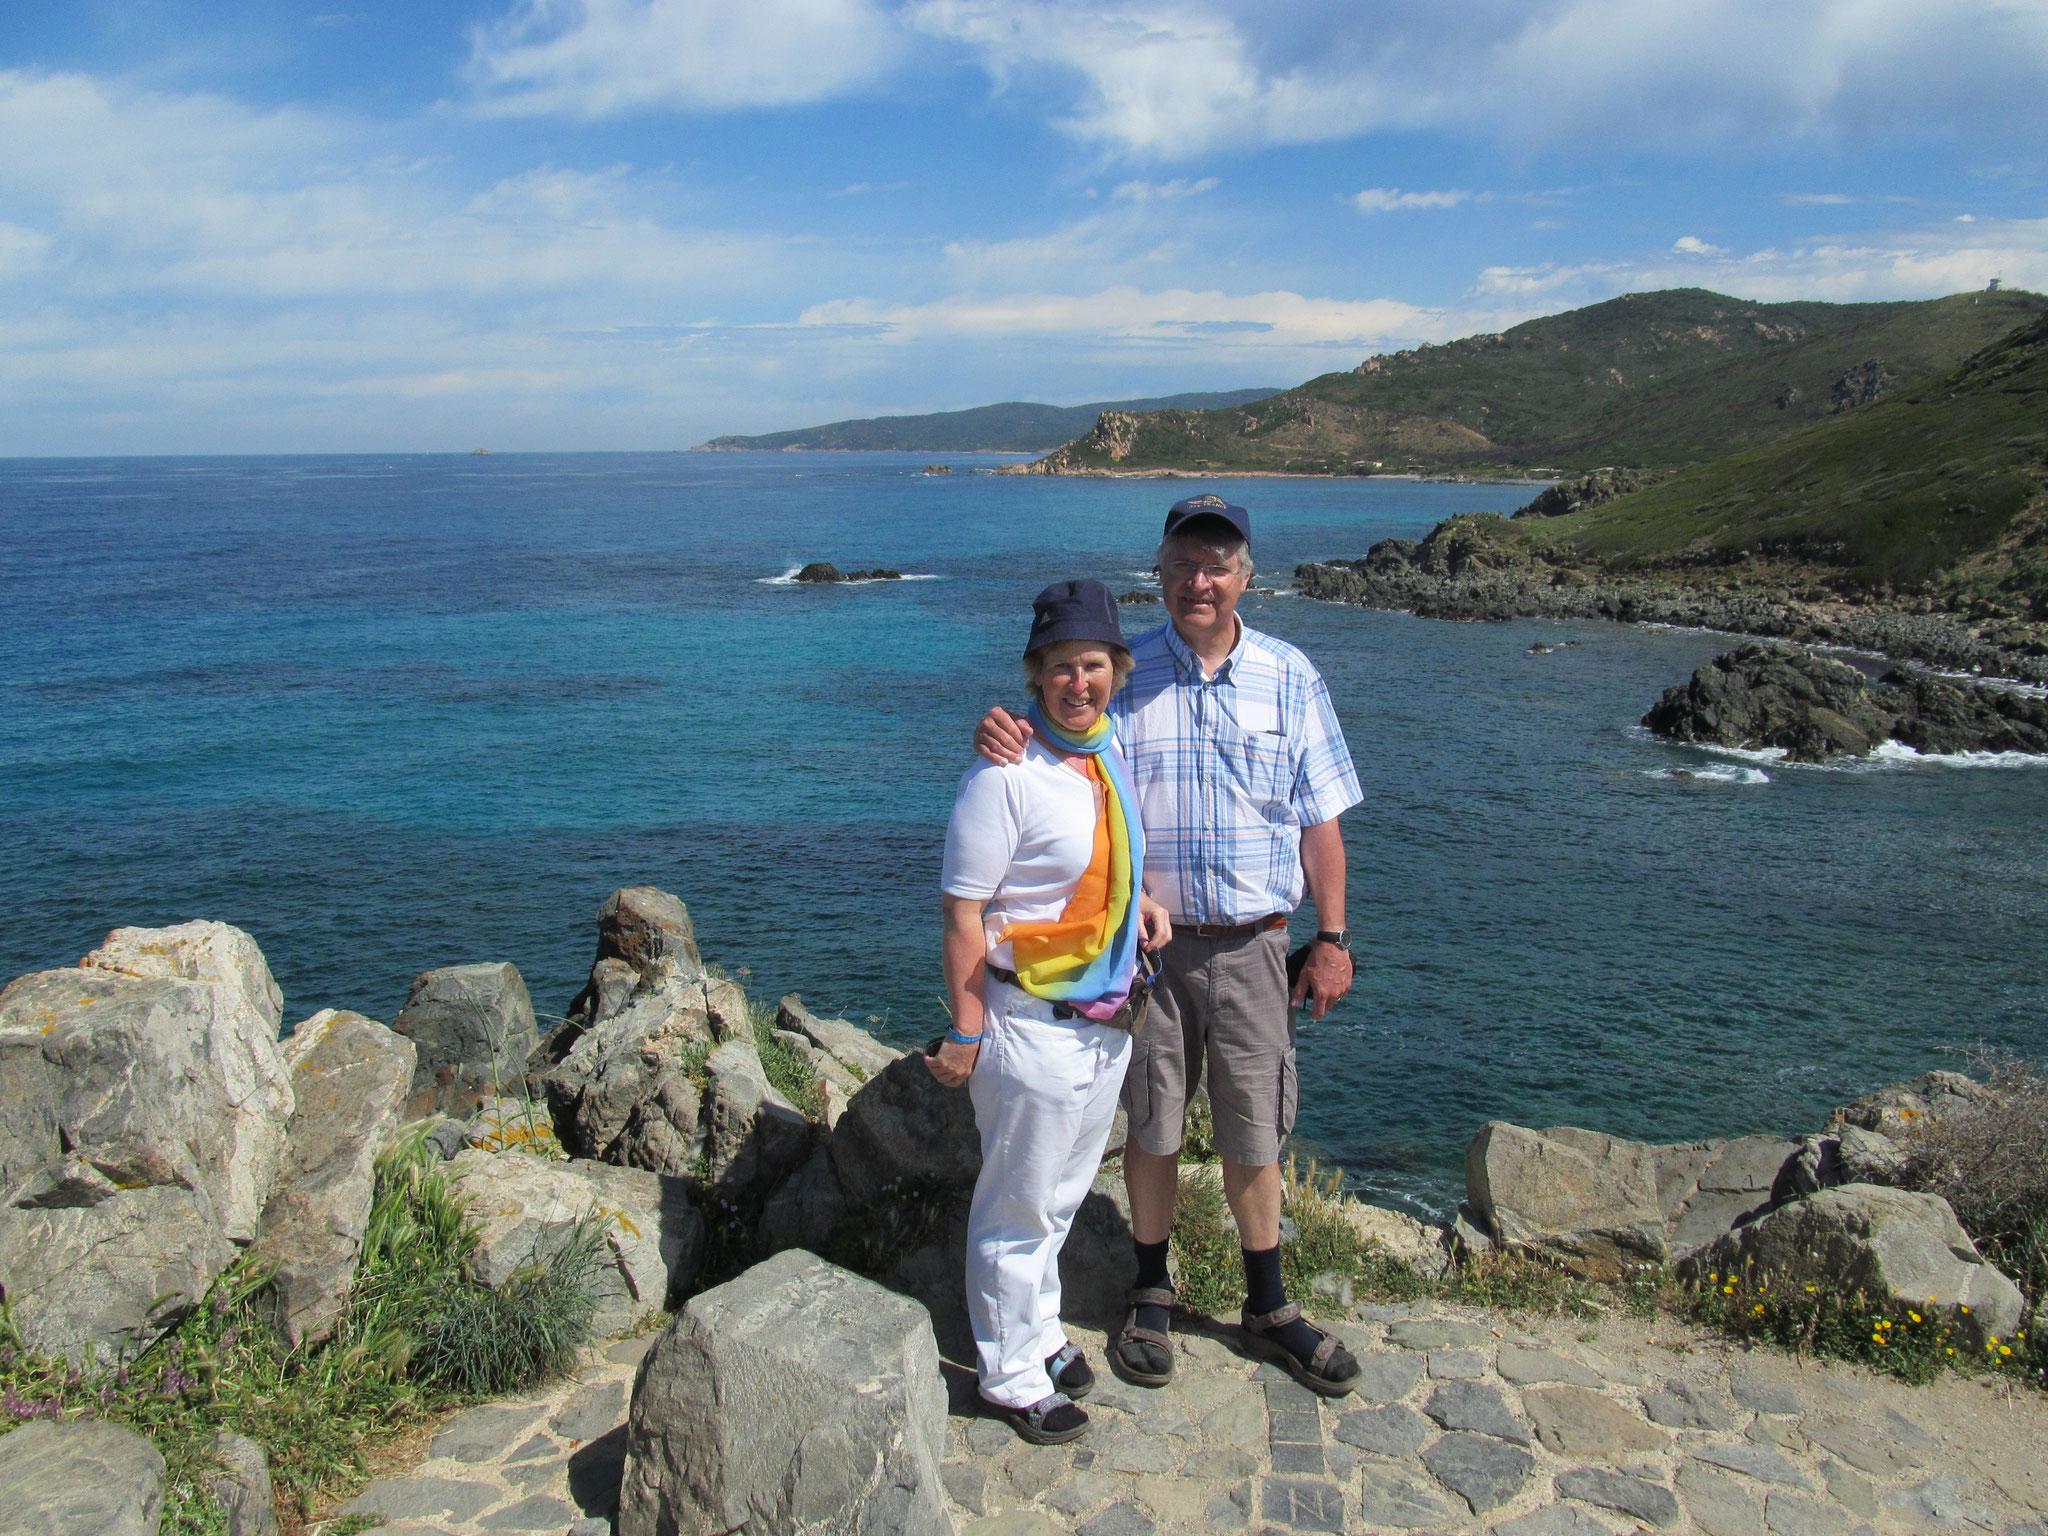 Deux touristes heureux en Corse